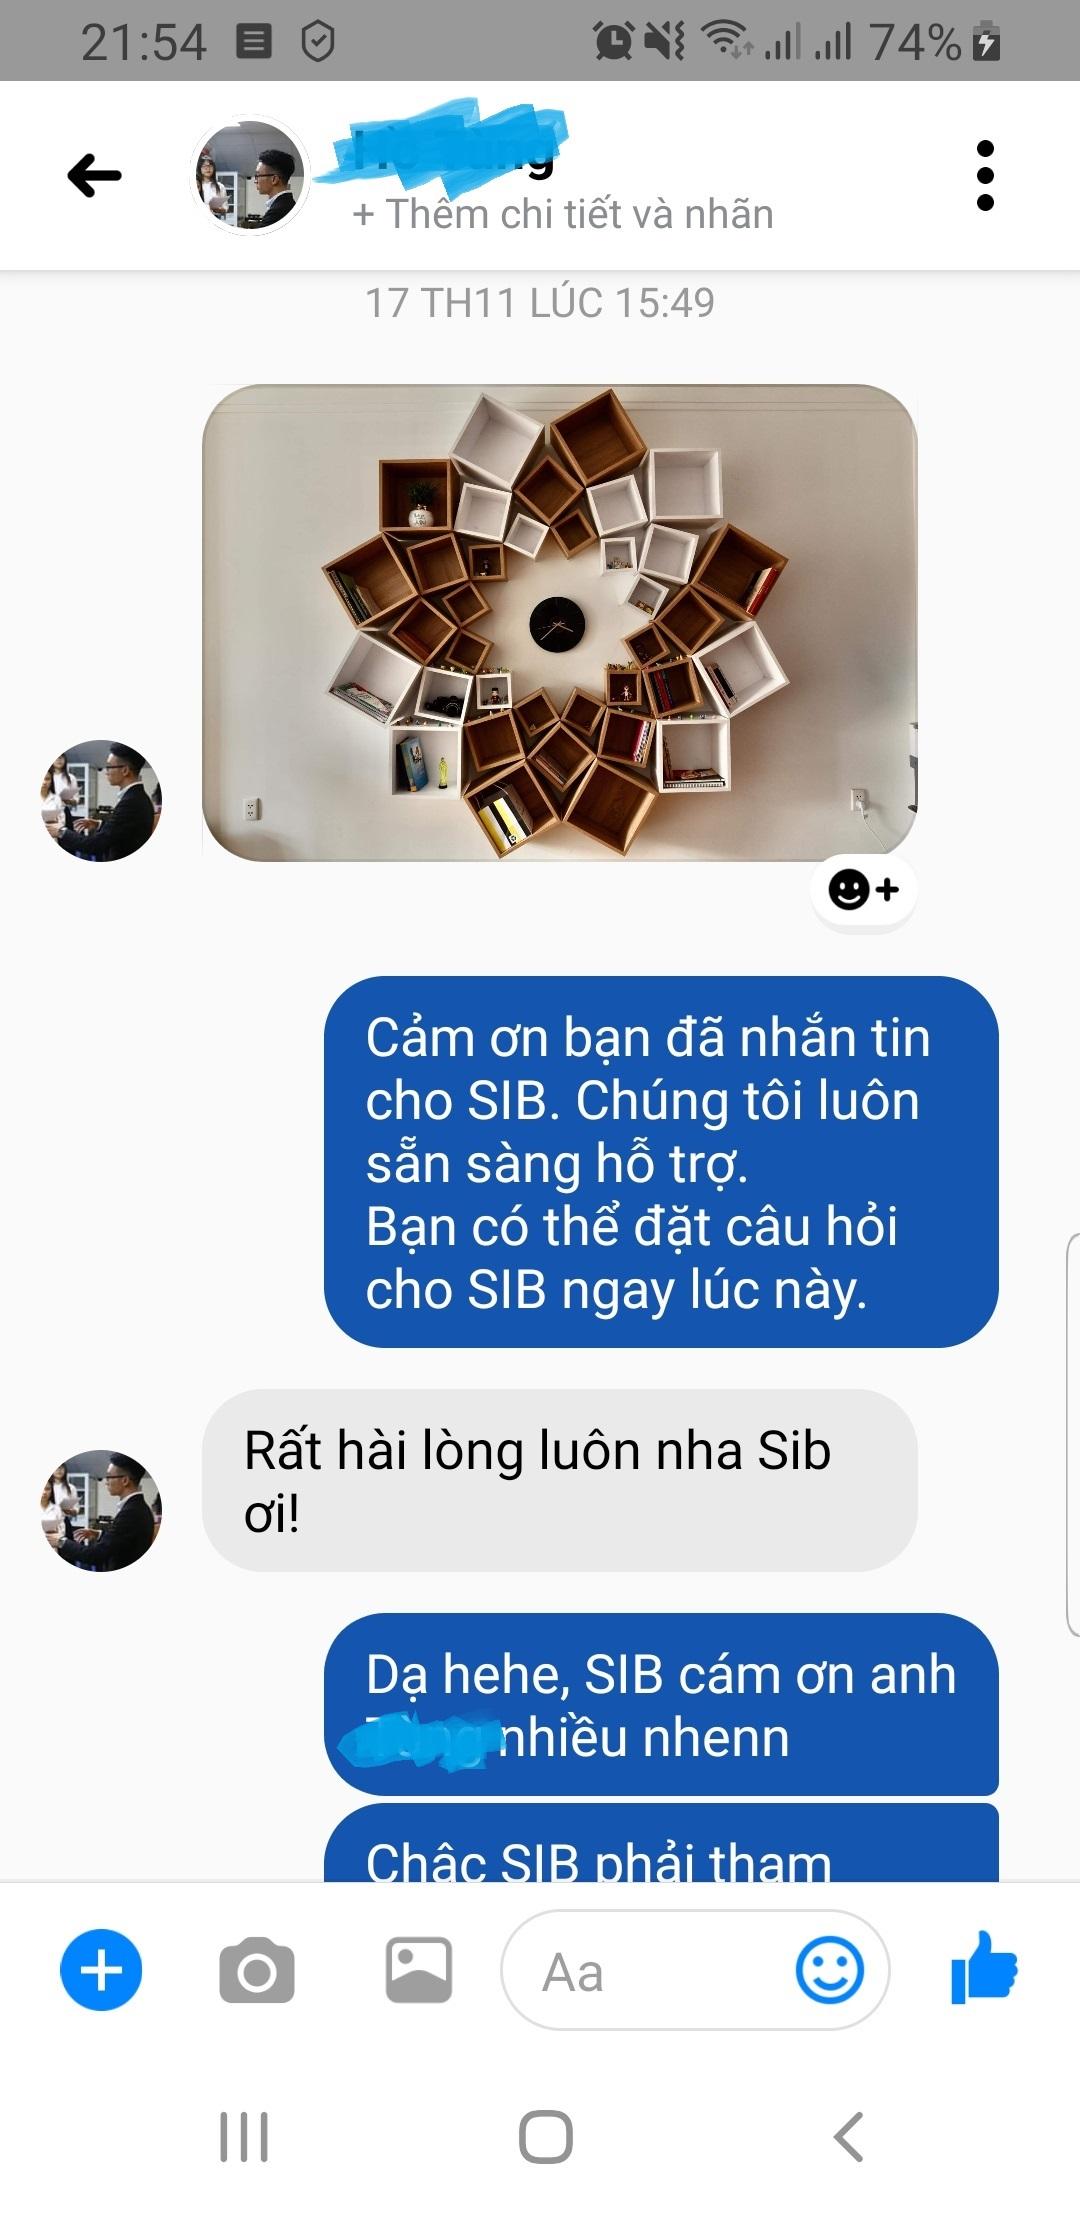 Khách hàng phản hồi/feedback về bộ kệ mandala KT703